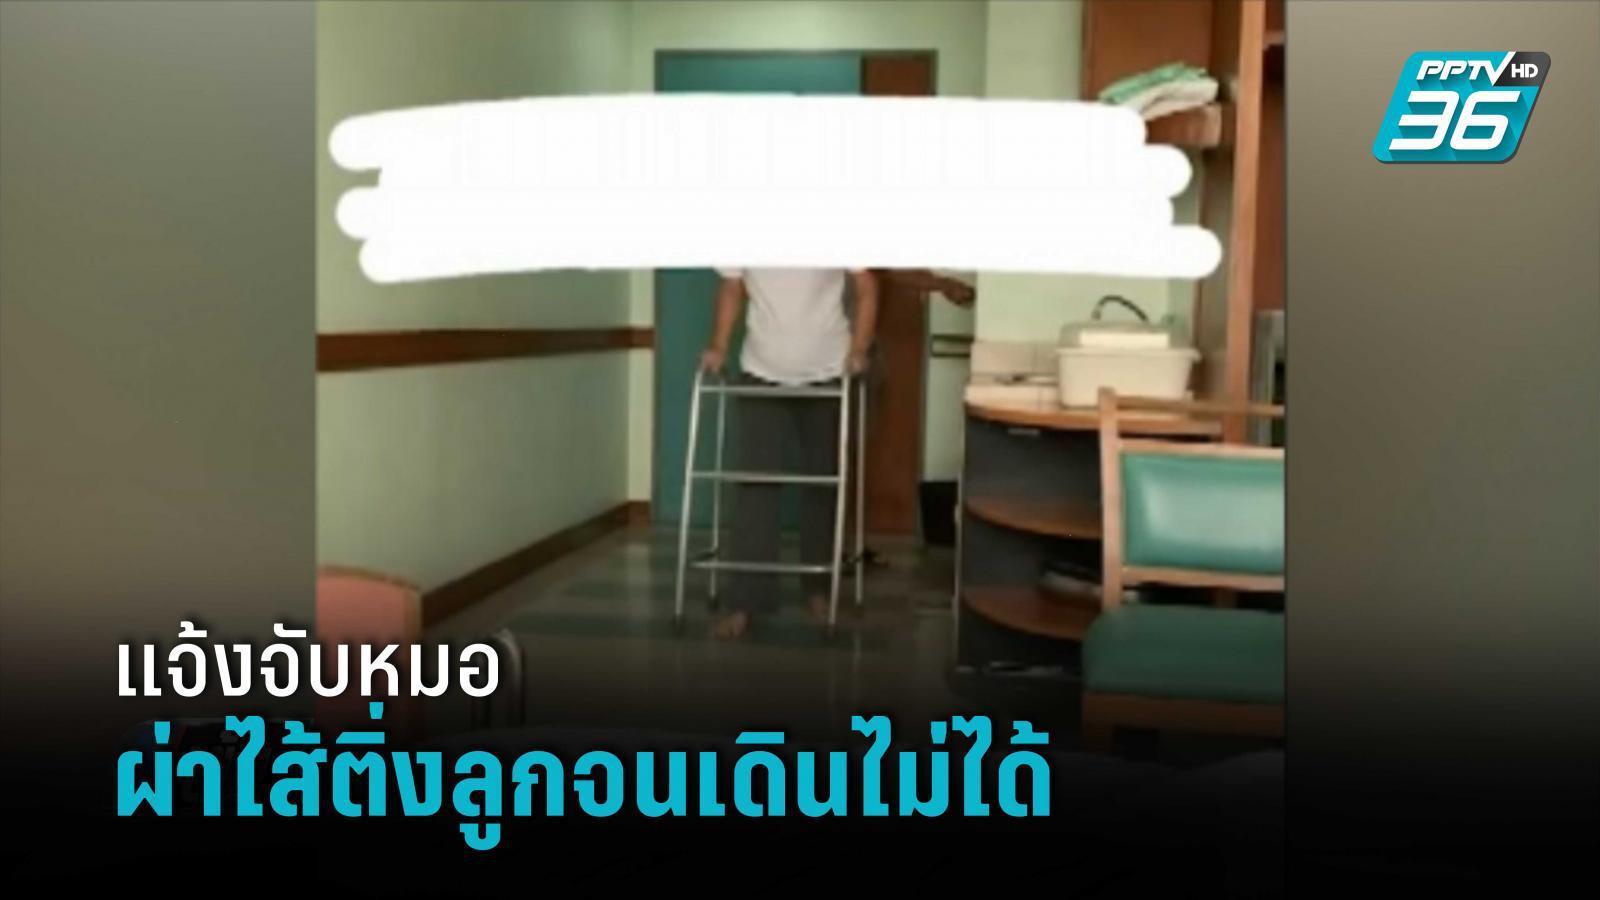 พ่อแจ้งจับหมอ หลังผ่าไส้ติ่งลูกสาวจนเดินไม่ได้ หวันพิการ   เข้มข่าวค่ำ